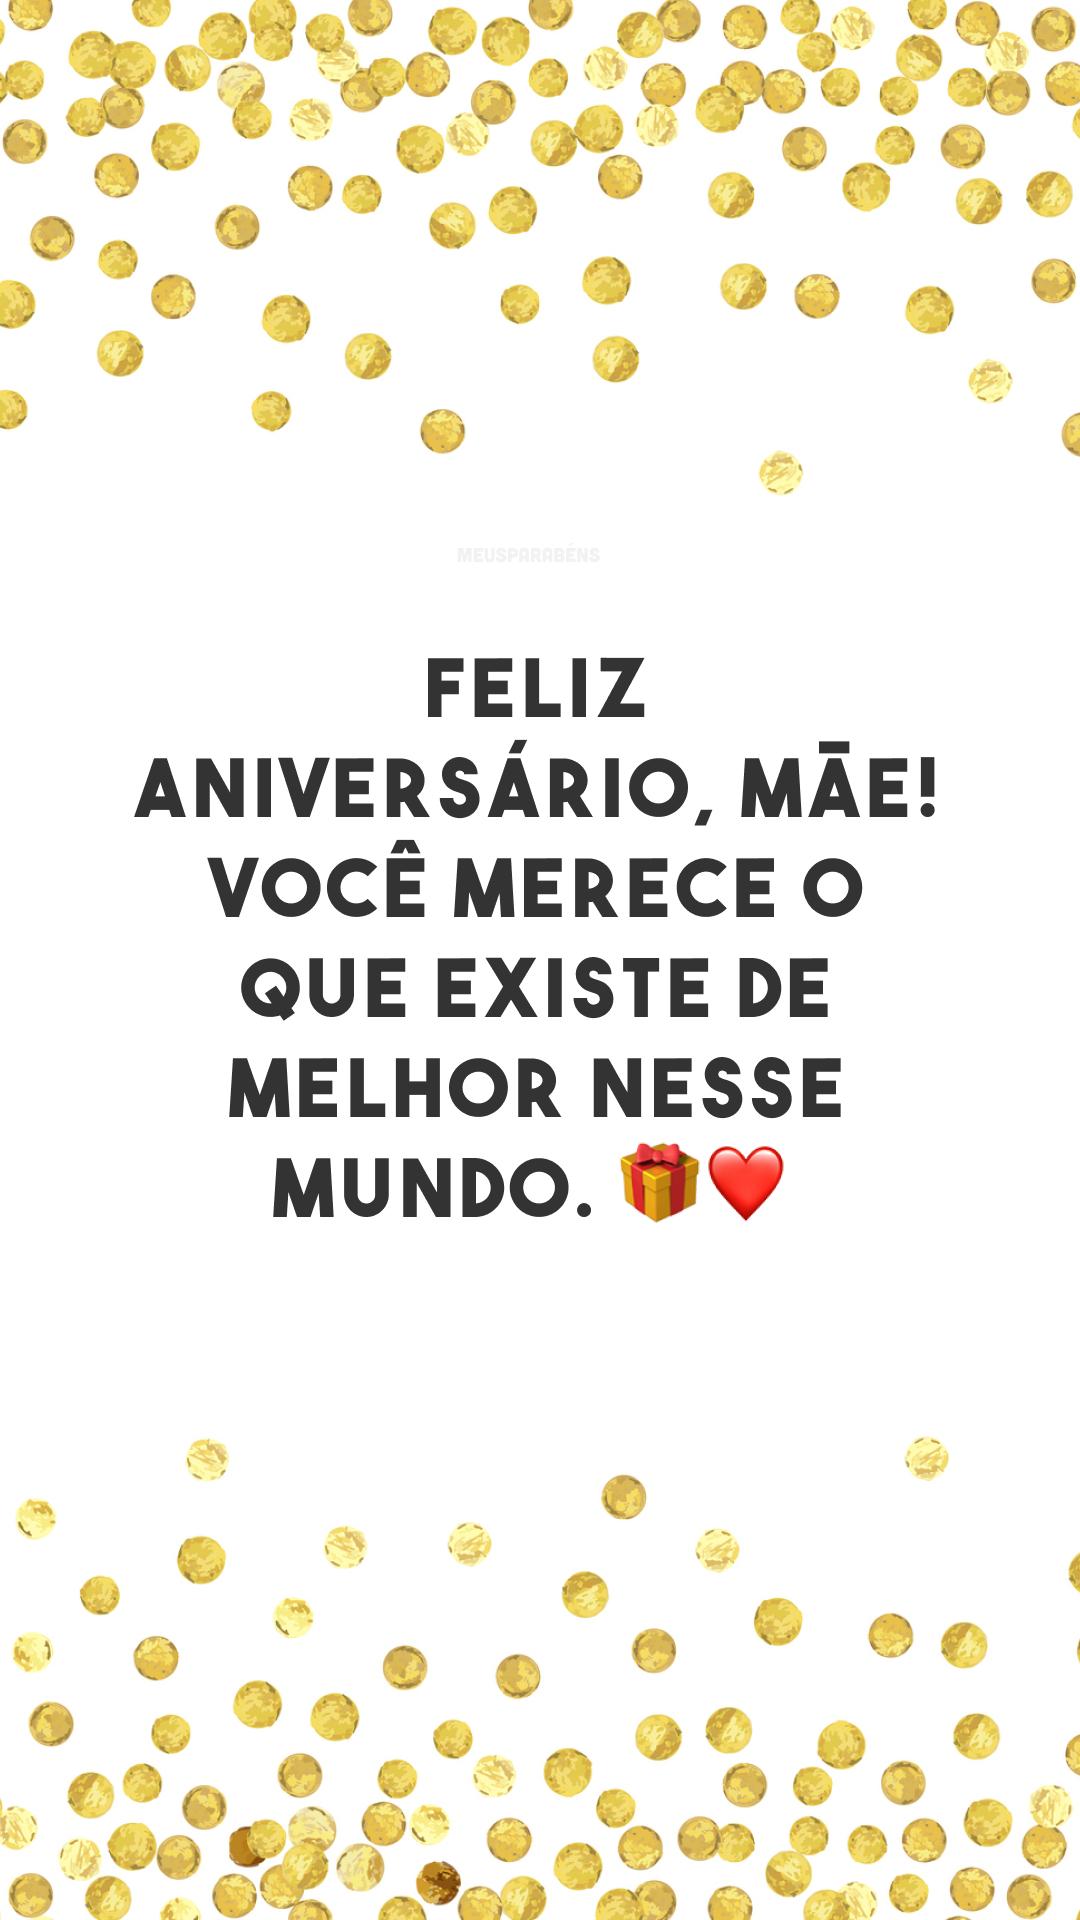 Feliz aniversário, mãe! Você merece o que existe de melhor nesse mundo. ?❤